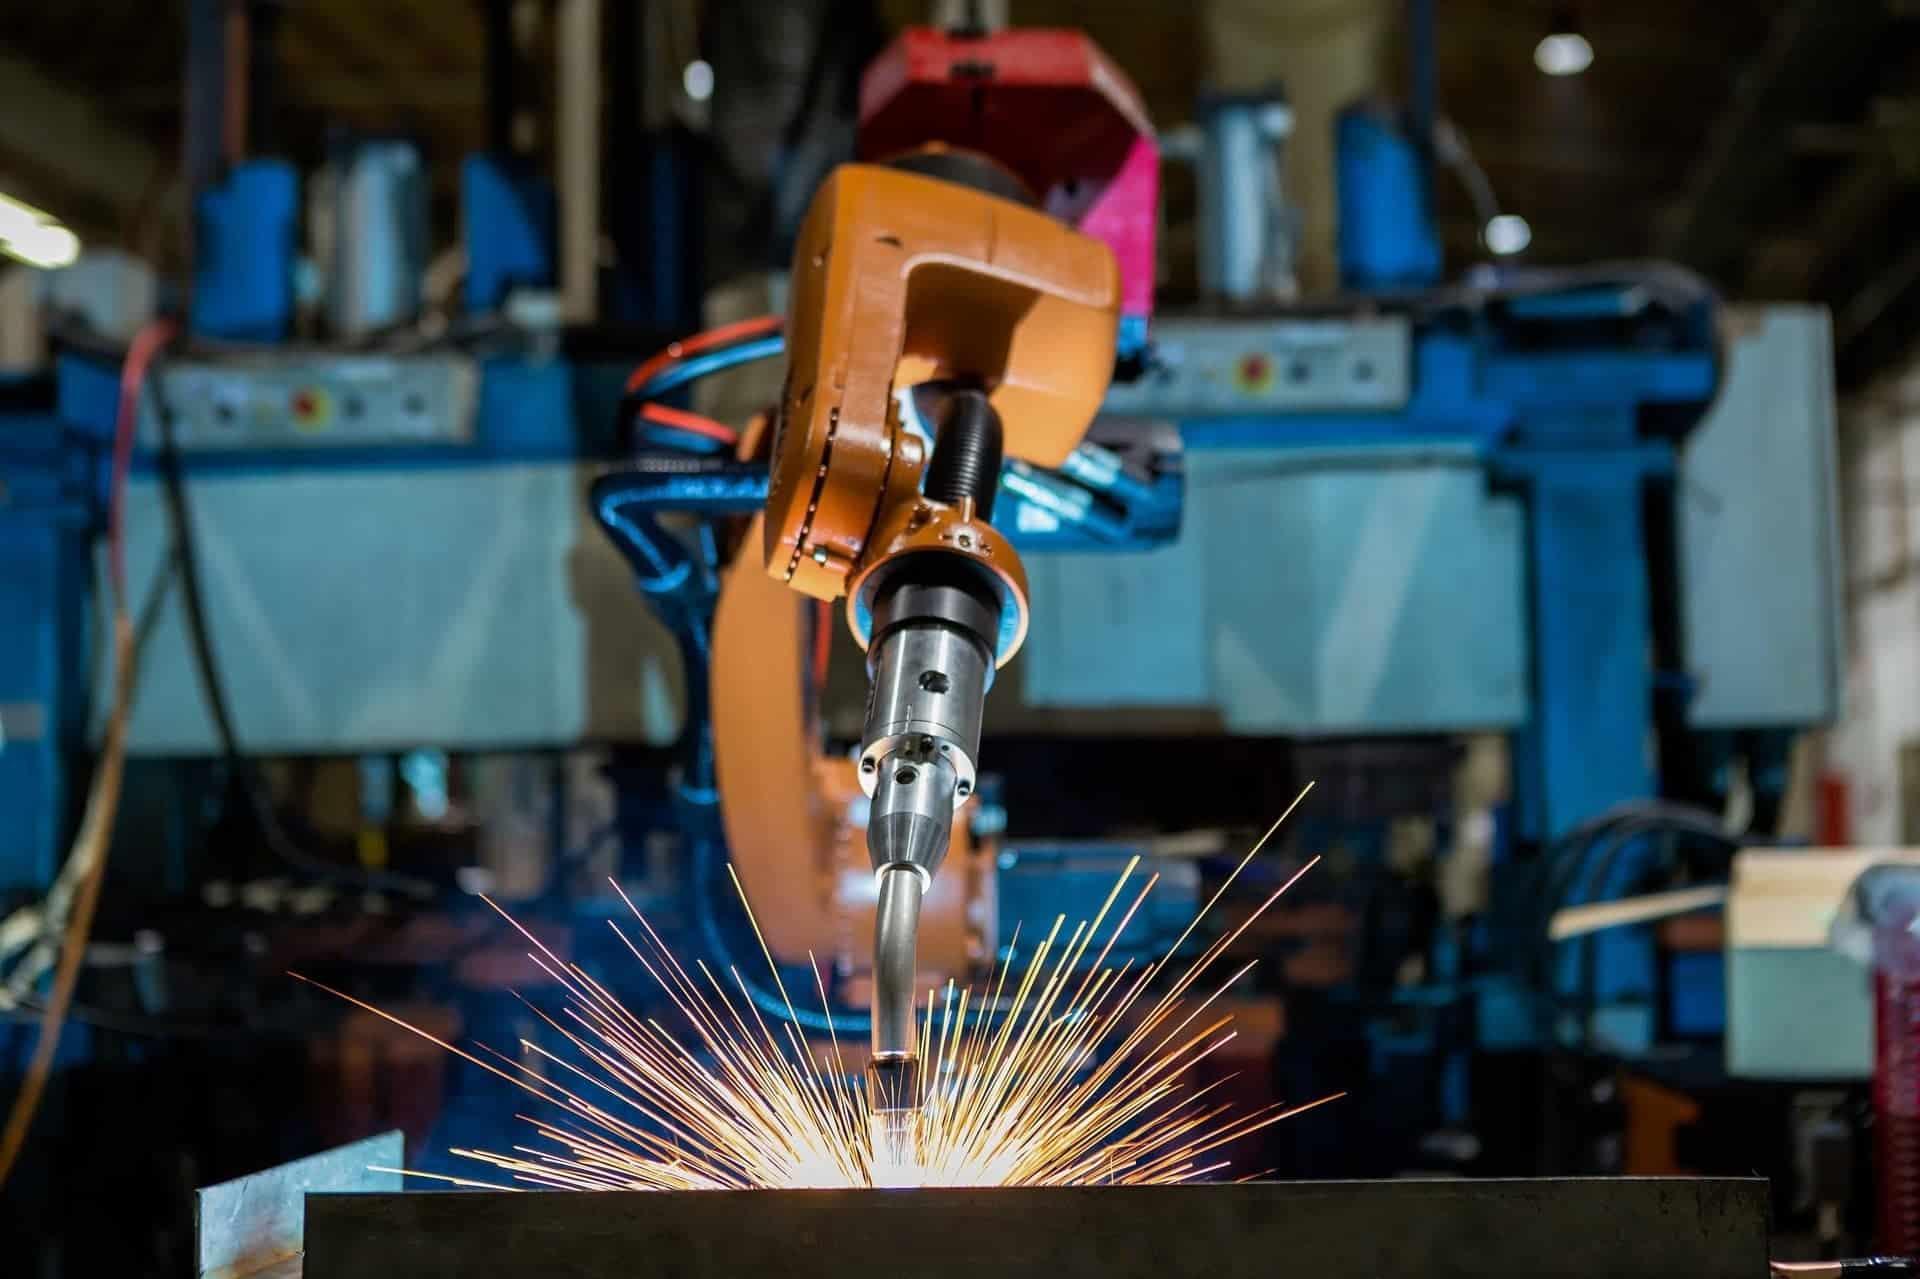 micro-welding process by robotic welding